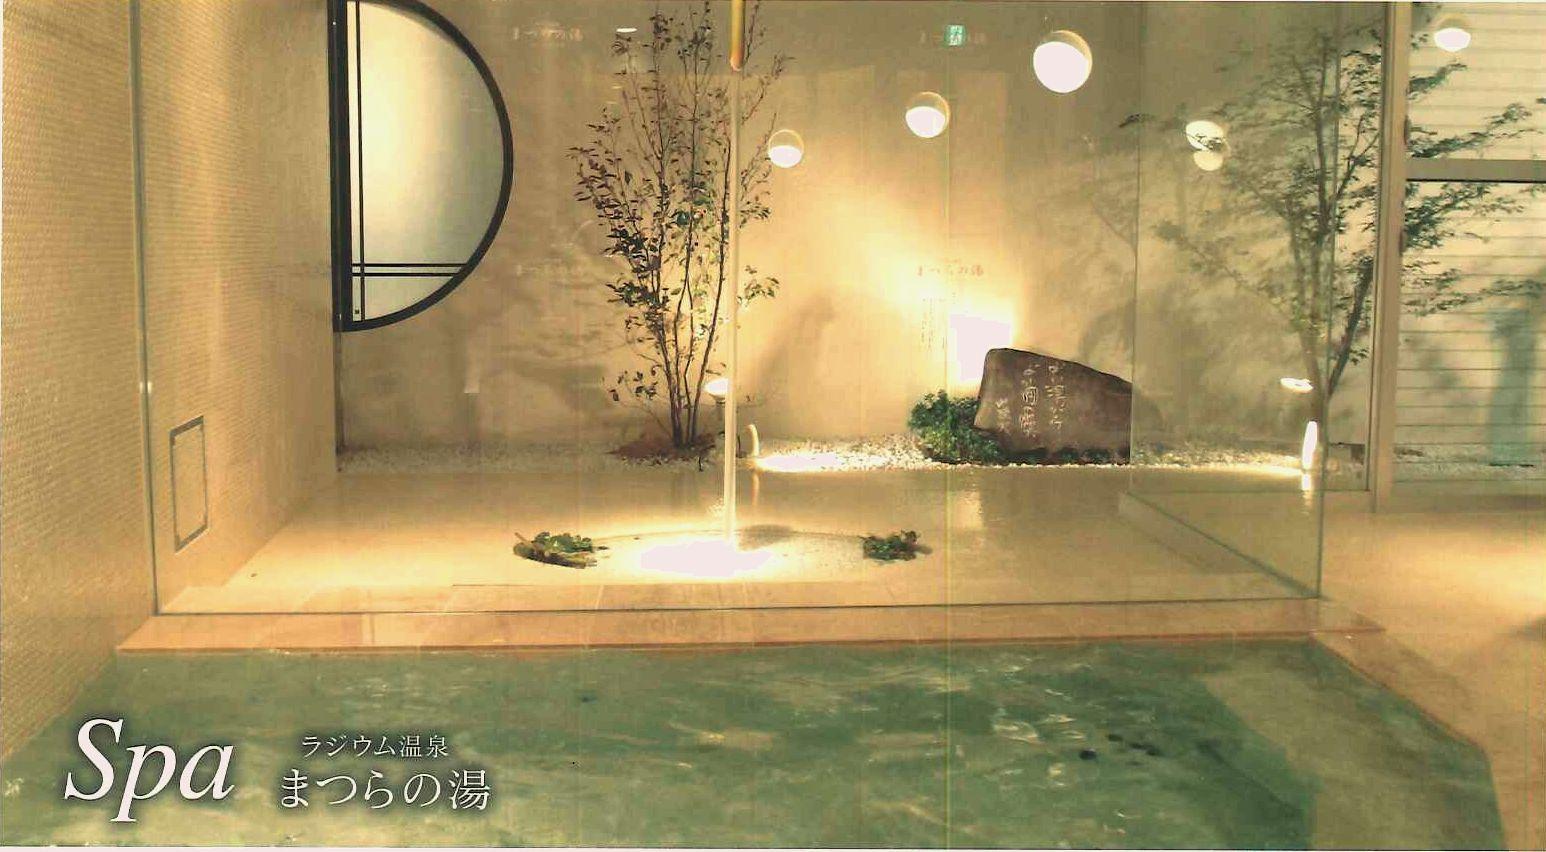 松浦シティホテル 関連画像 4枚目 楽天トラベル提供